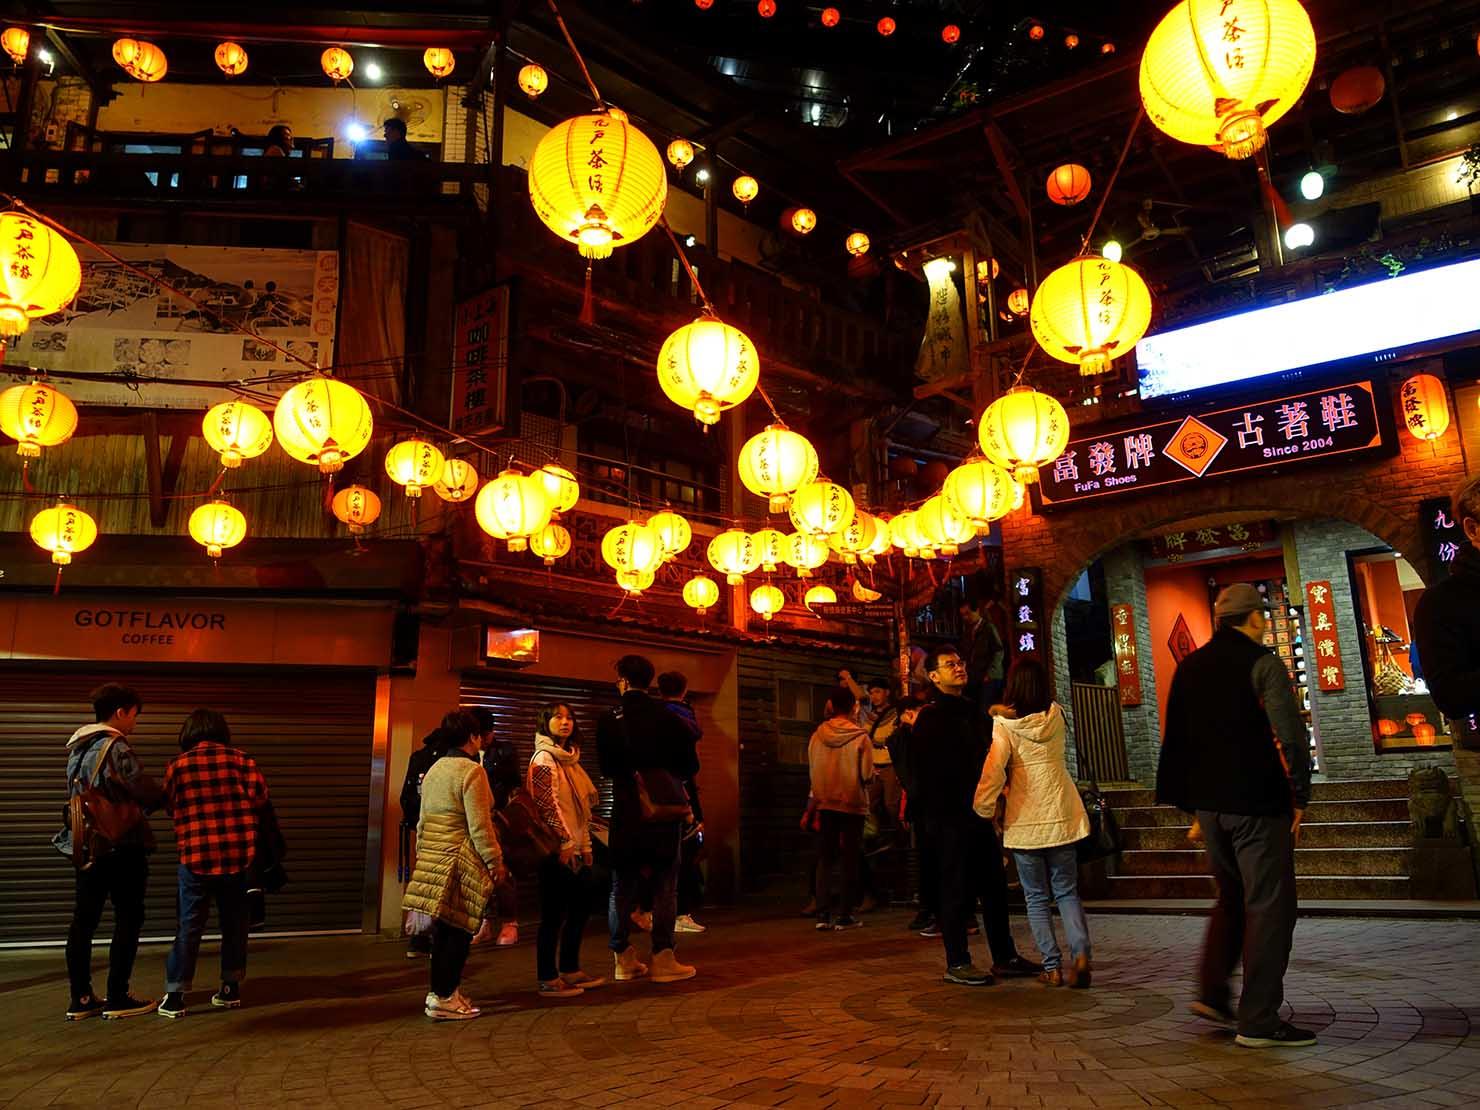 台北・九份昇平戲院前広場の夜景